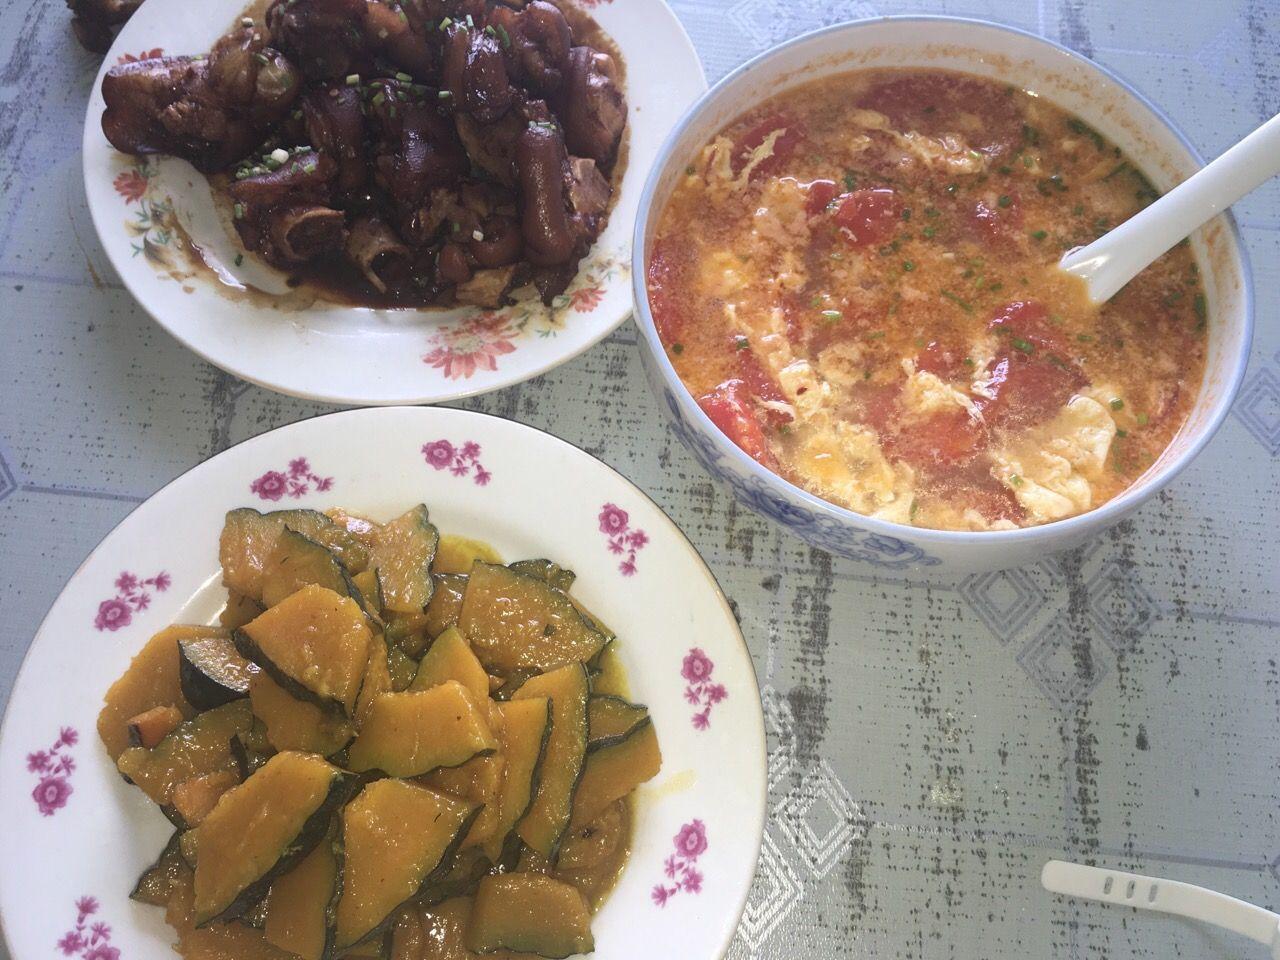 祁门土菜馆